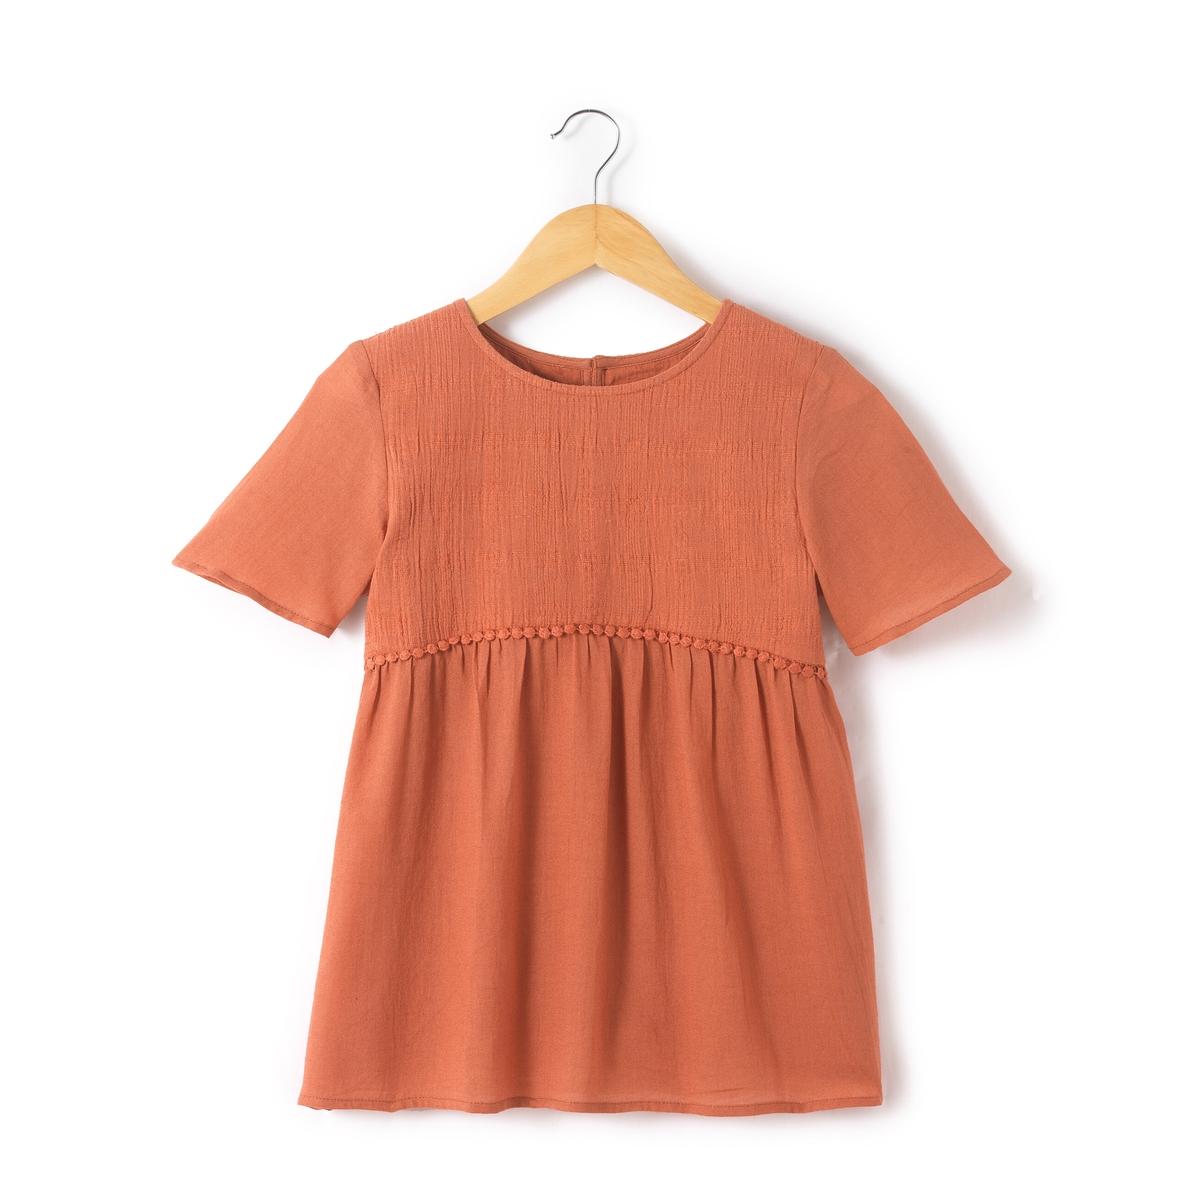 Блузка однотонная с круглым вырезом, с короткими рукавами блузка кружевная с короткими рукавами